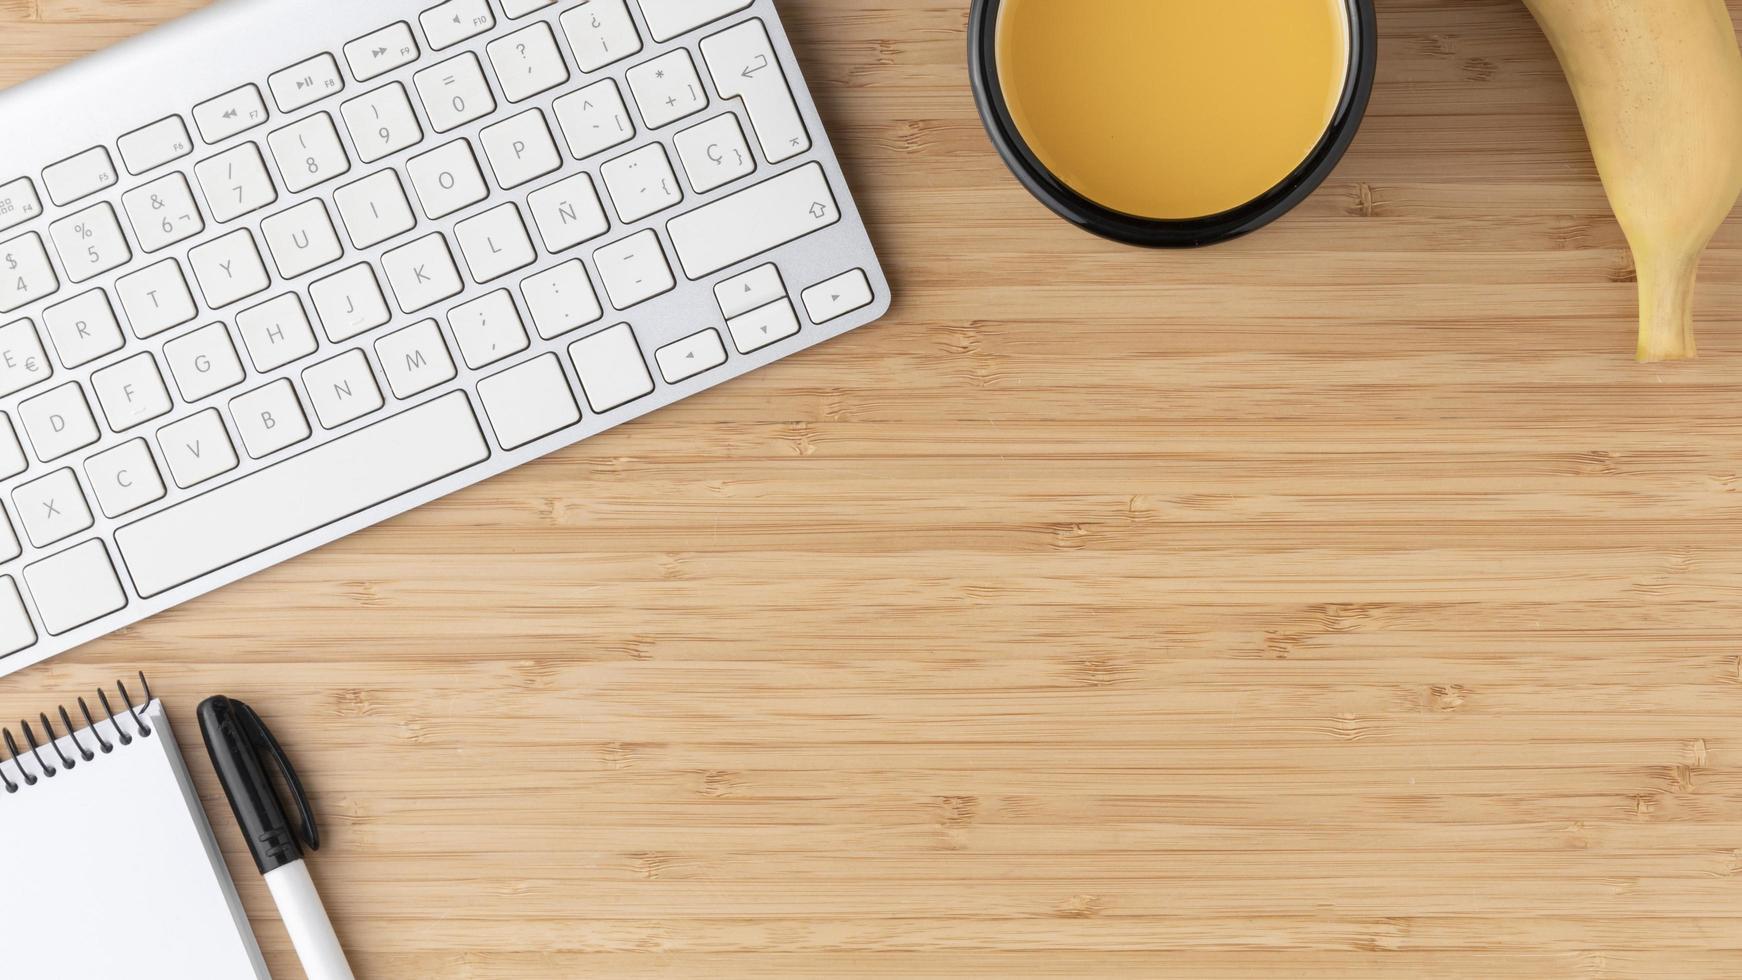 arrangement de bureau plat avec espace de copie photo